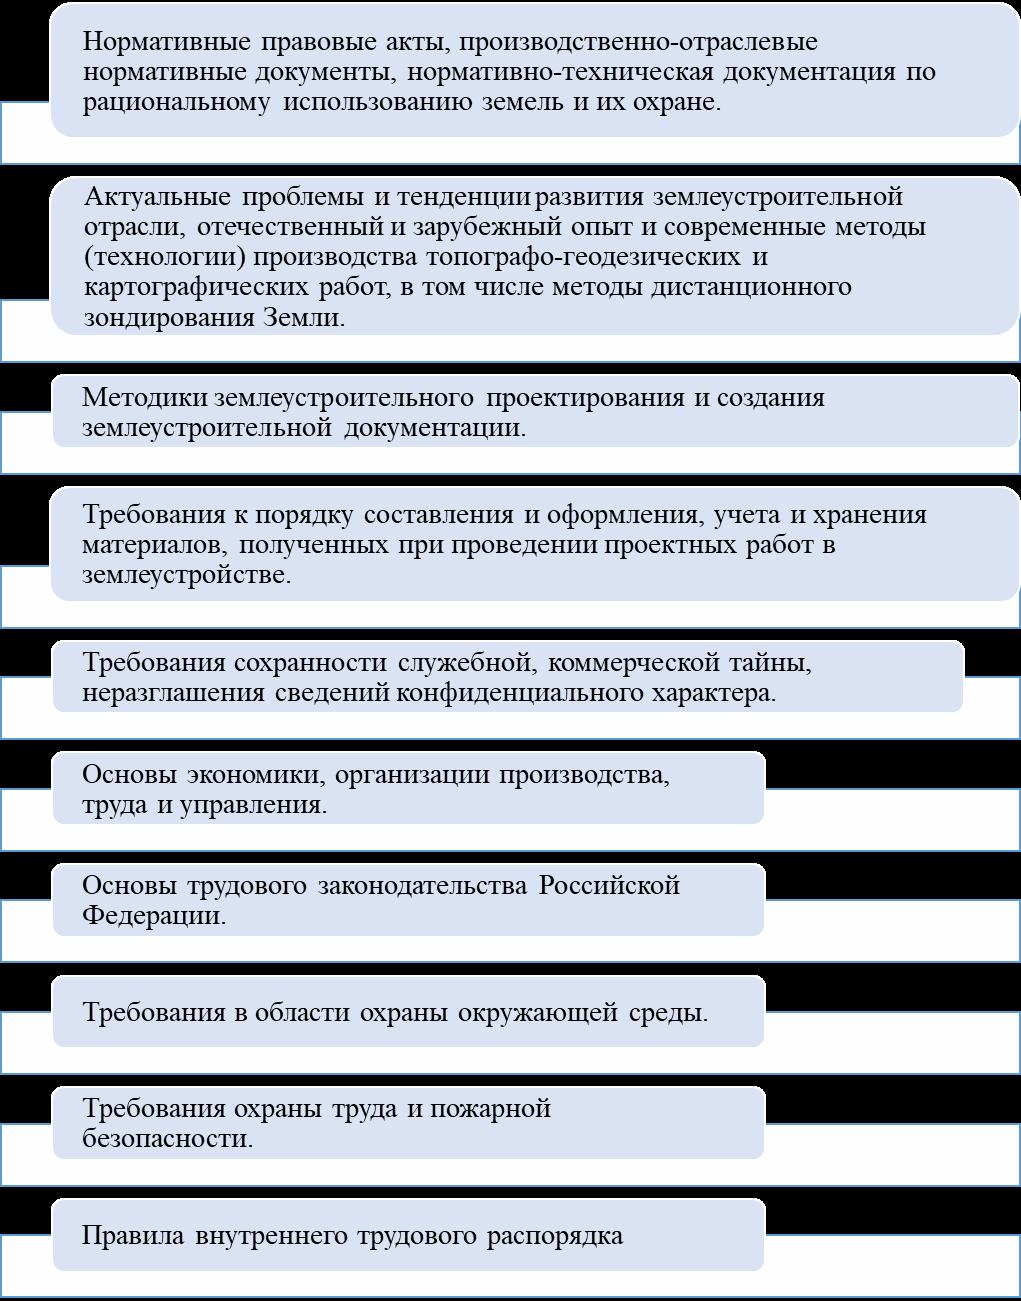 word image 116 Мониторинг и анализ образовательной деятельности образовательных организаций аграрного профиля в условиях «регуляторной гильотины»